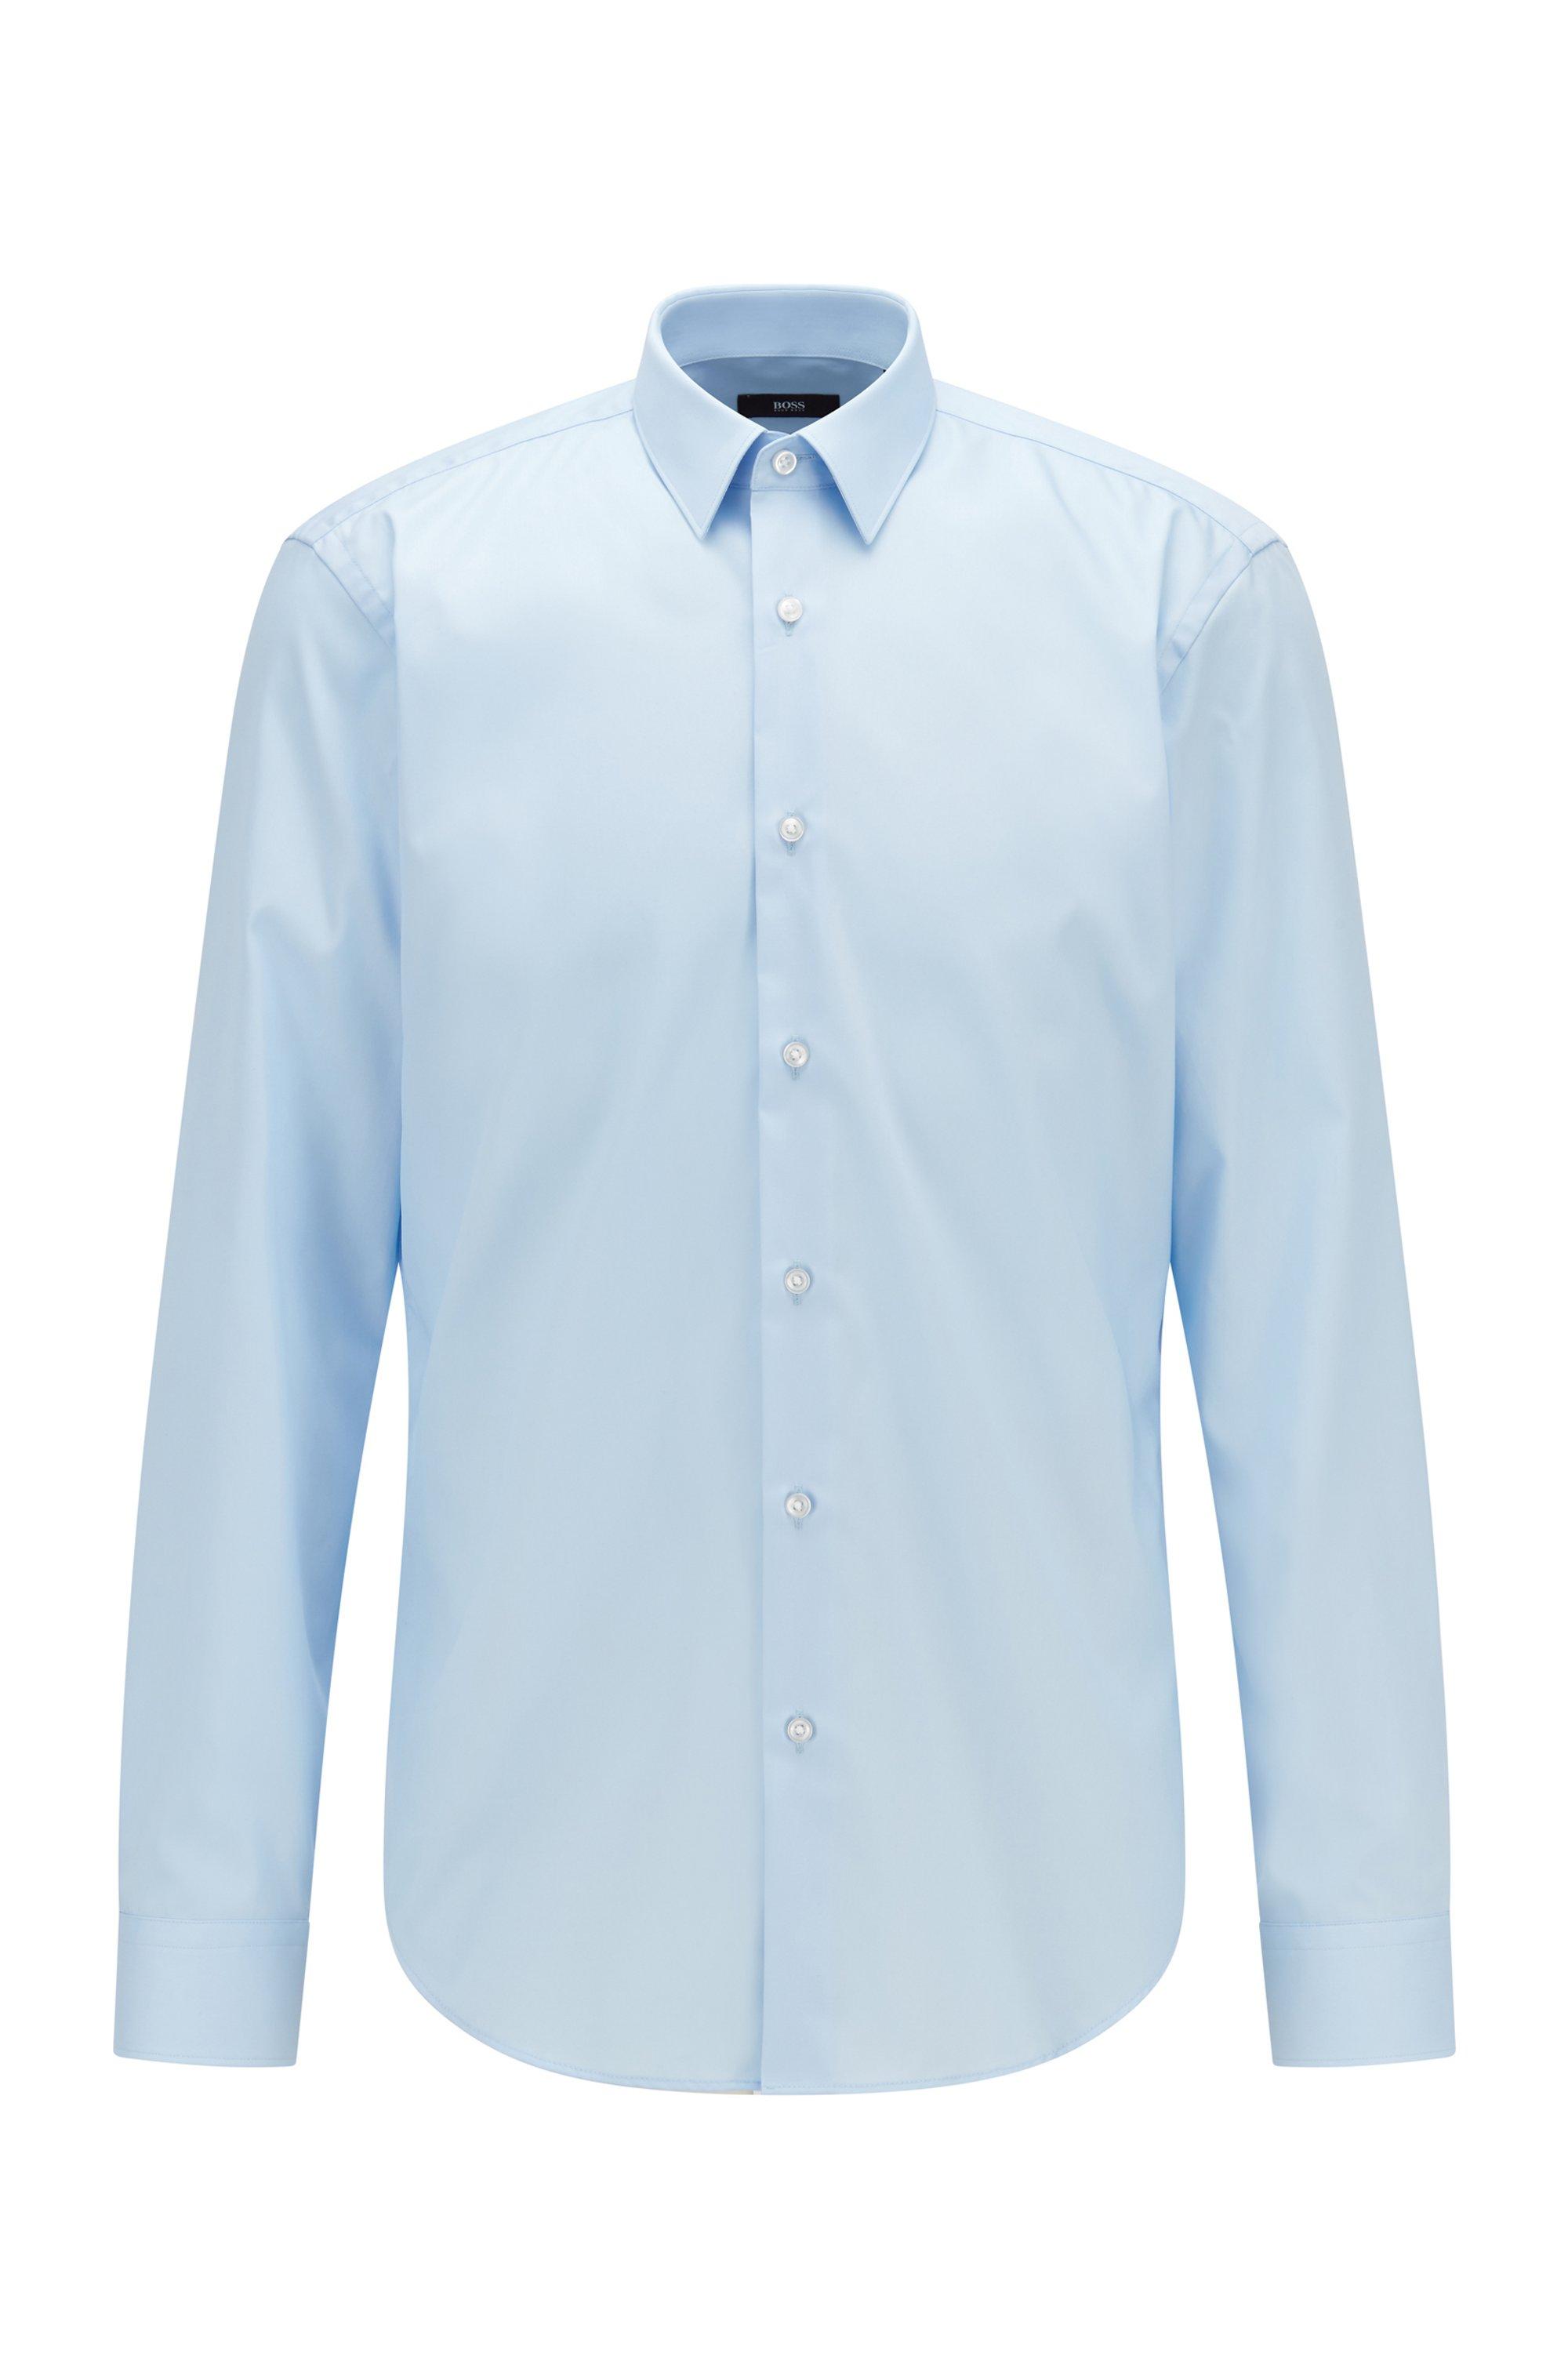 Chemise Regular Fit en coton facile à repasser, bleu clair